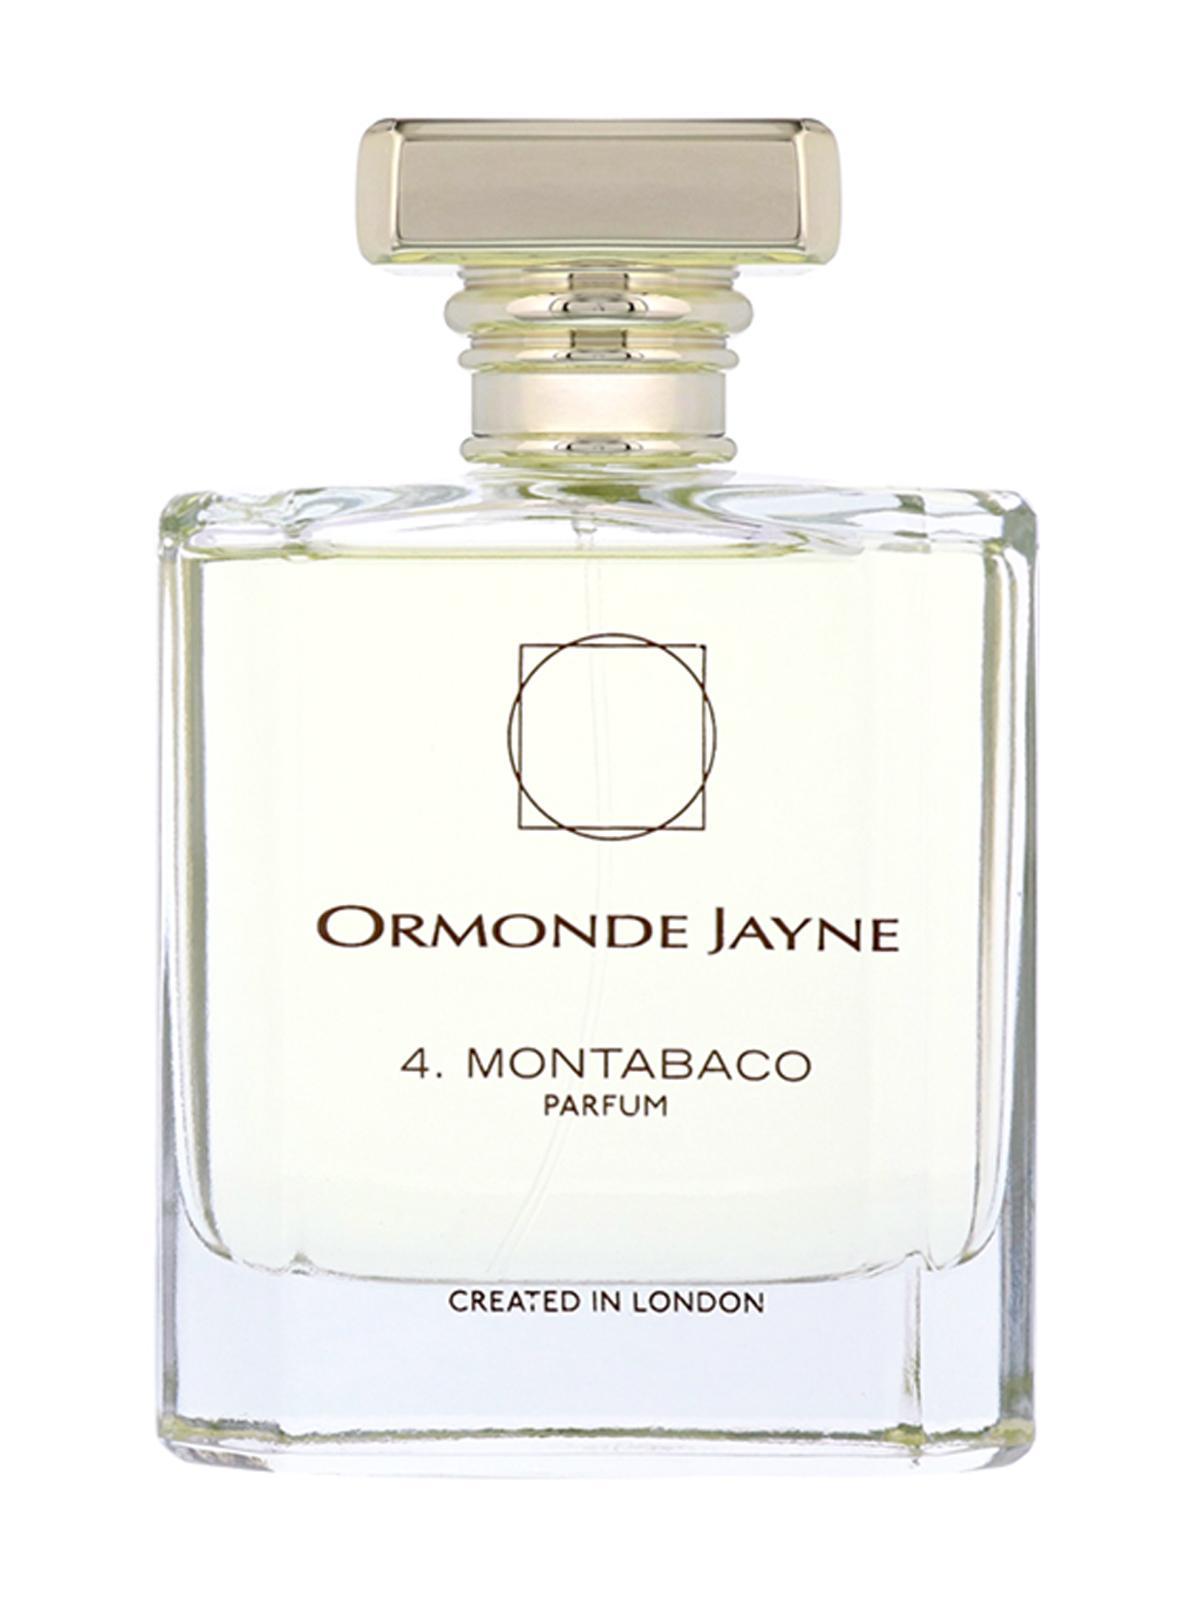 Ormonde Jayne 4 Montabaco Eau De Parfum 120ml